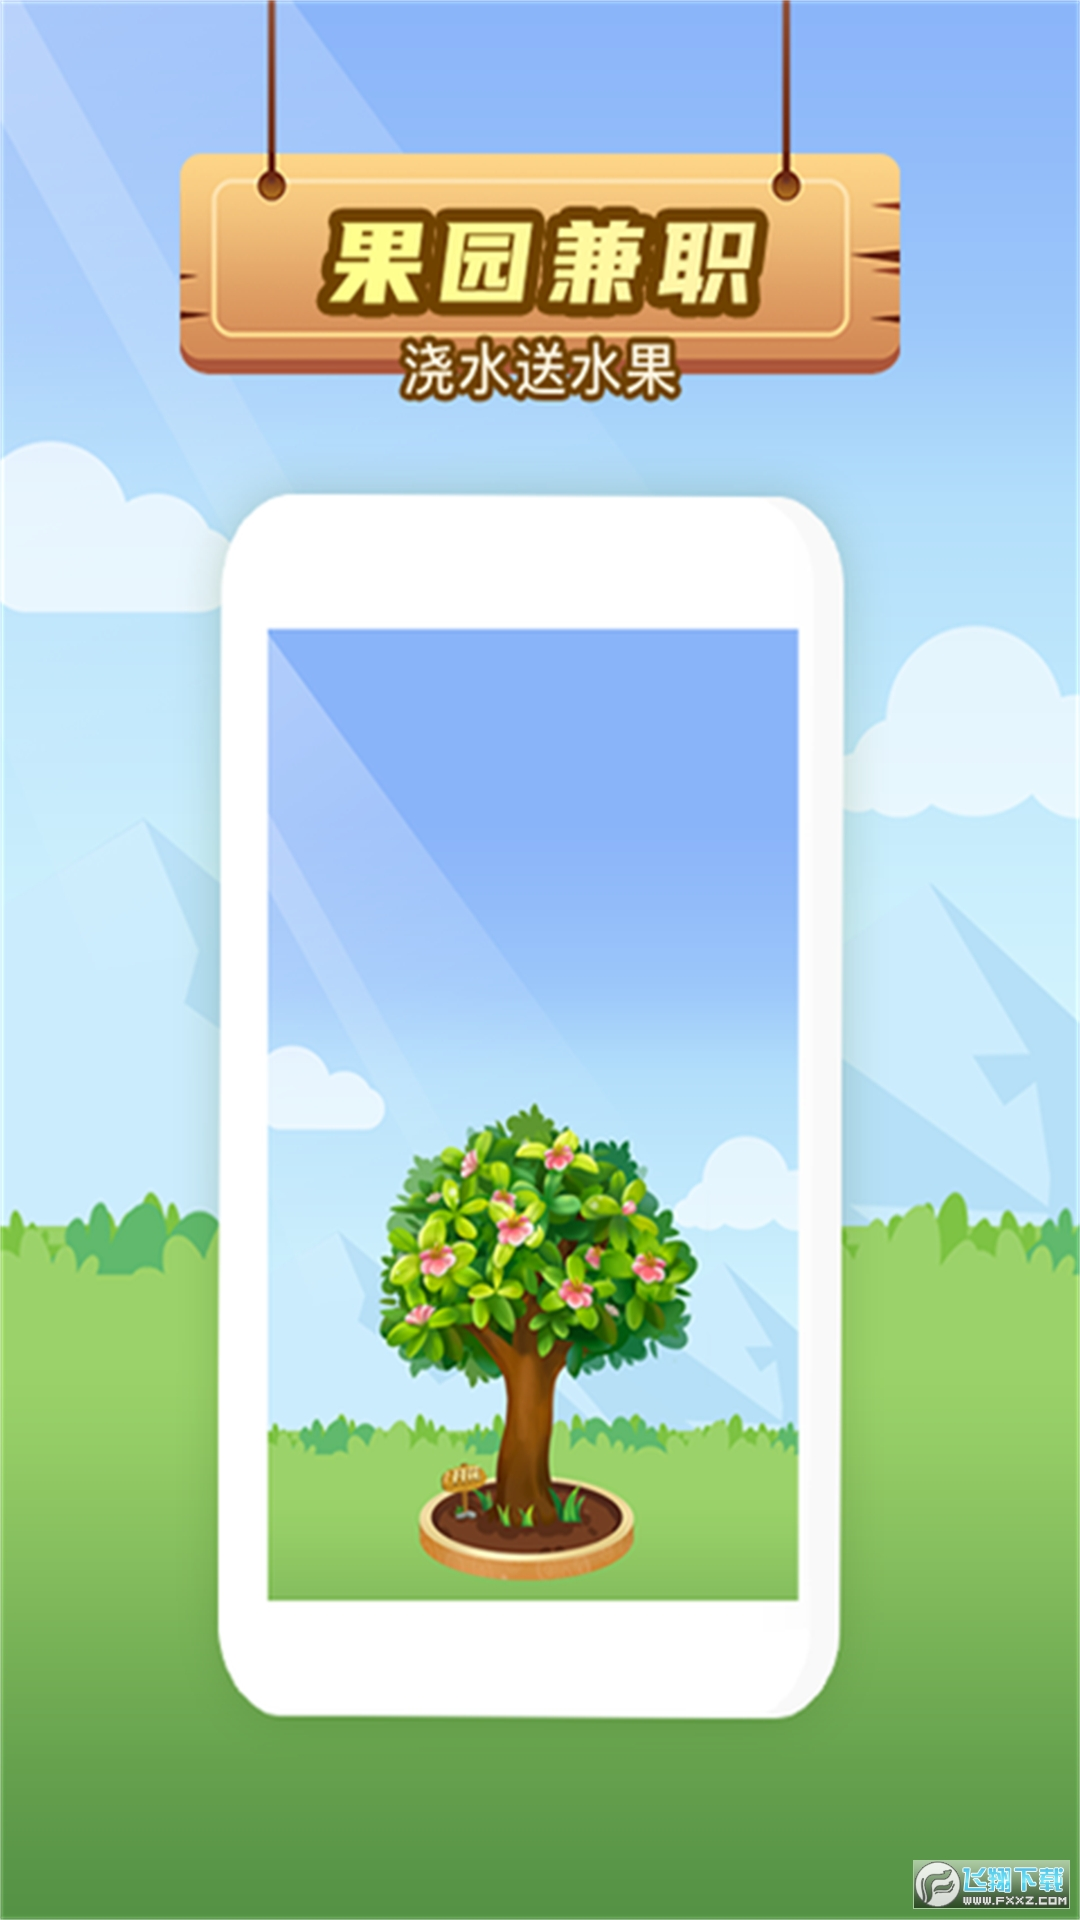 果园兼职红包版领水果抽手机app1.0.11免费版截图2